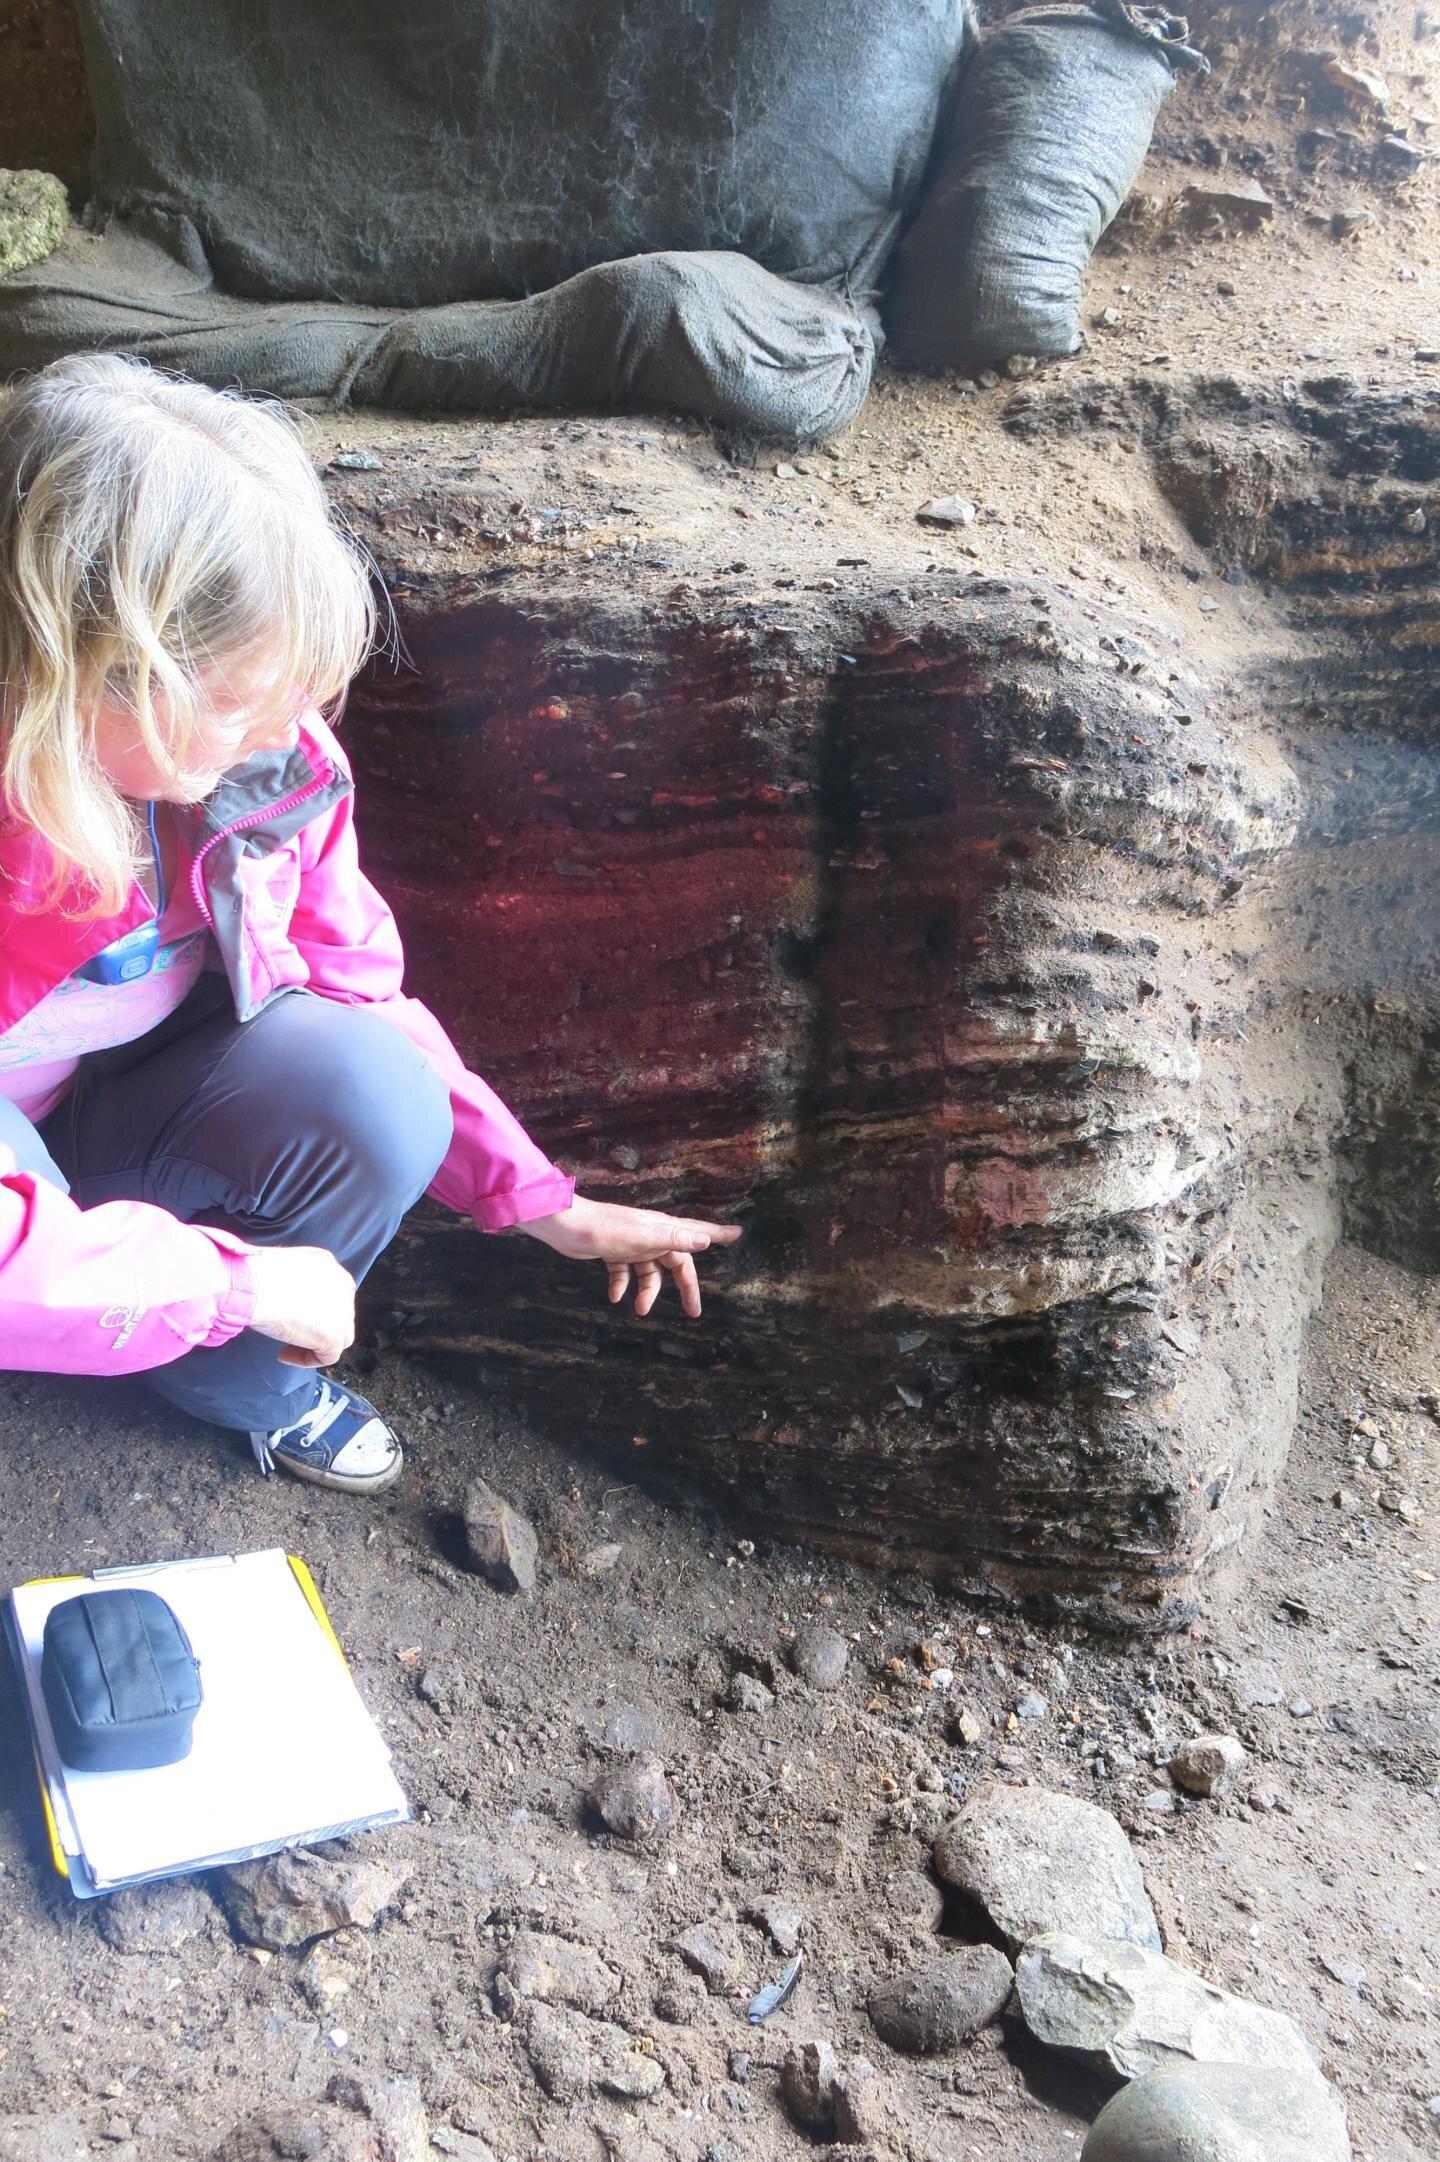 Синтия Ларбэ указывает на окаменевшую паренхиму возрастом 65 тысяч лет.